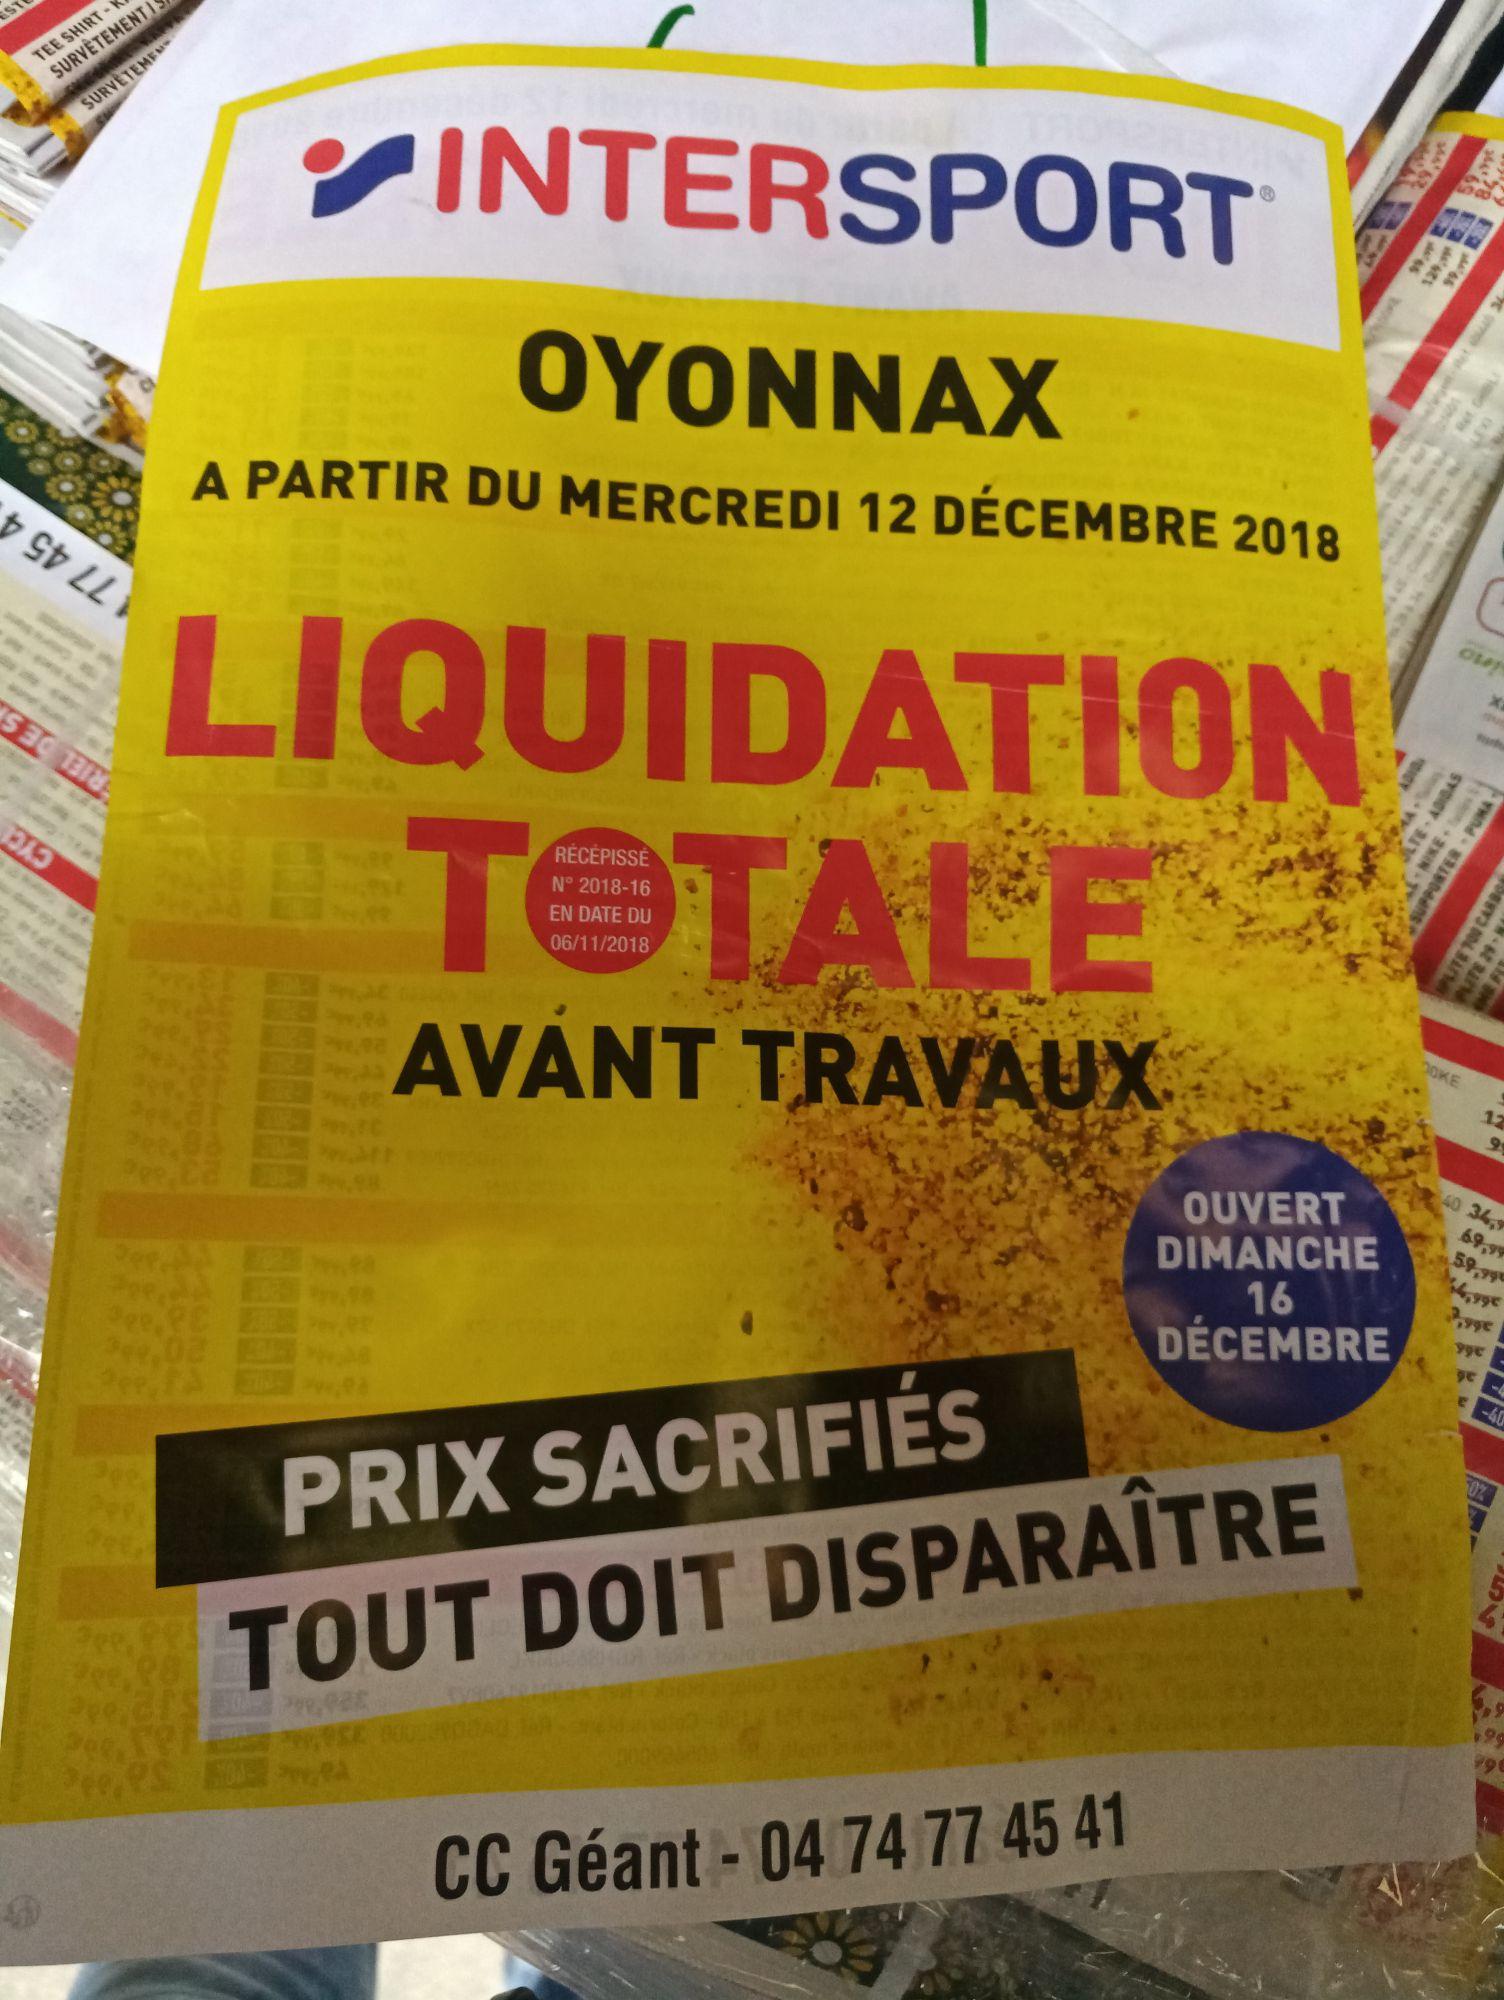 Liquidation totale dans tout le magasin avant travaux - Arbent Oyonnax (01)